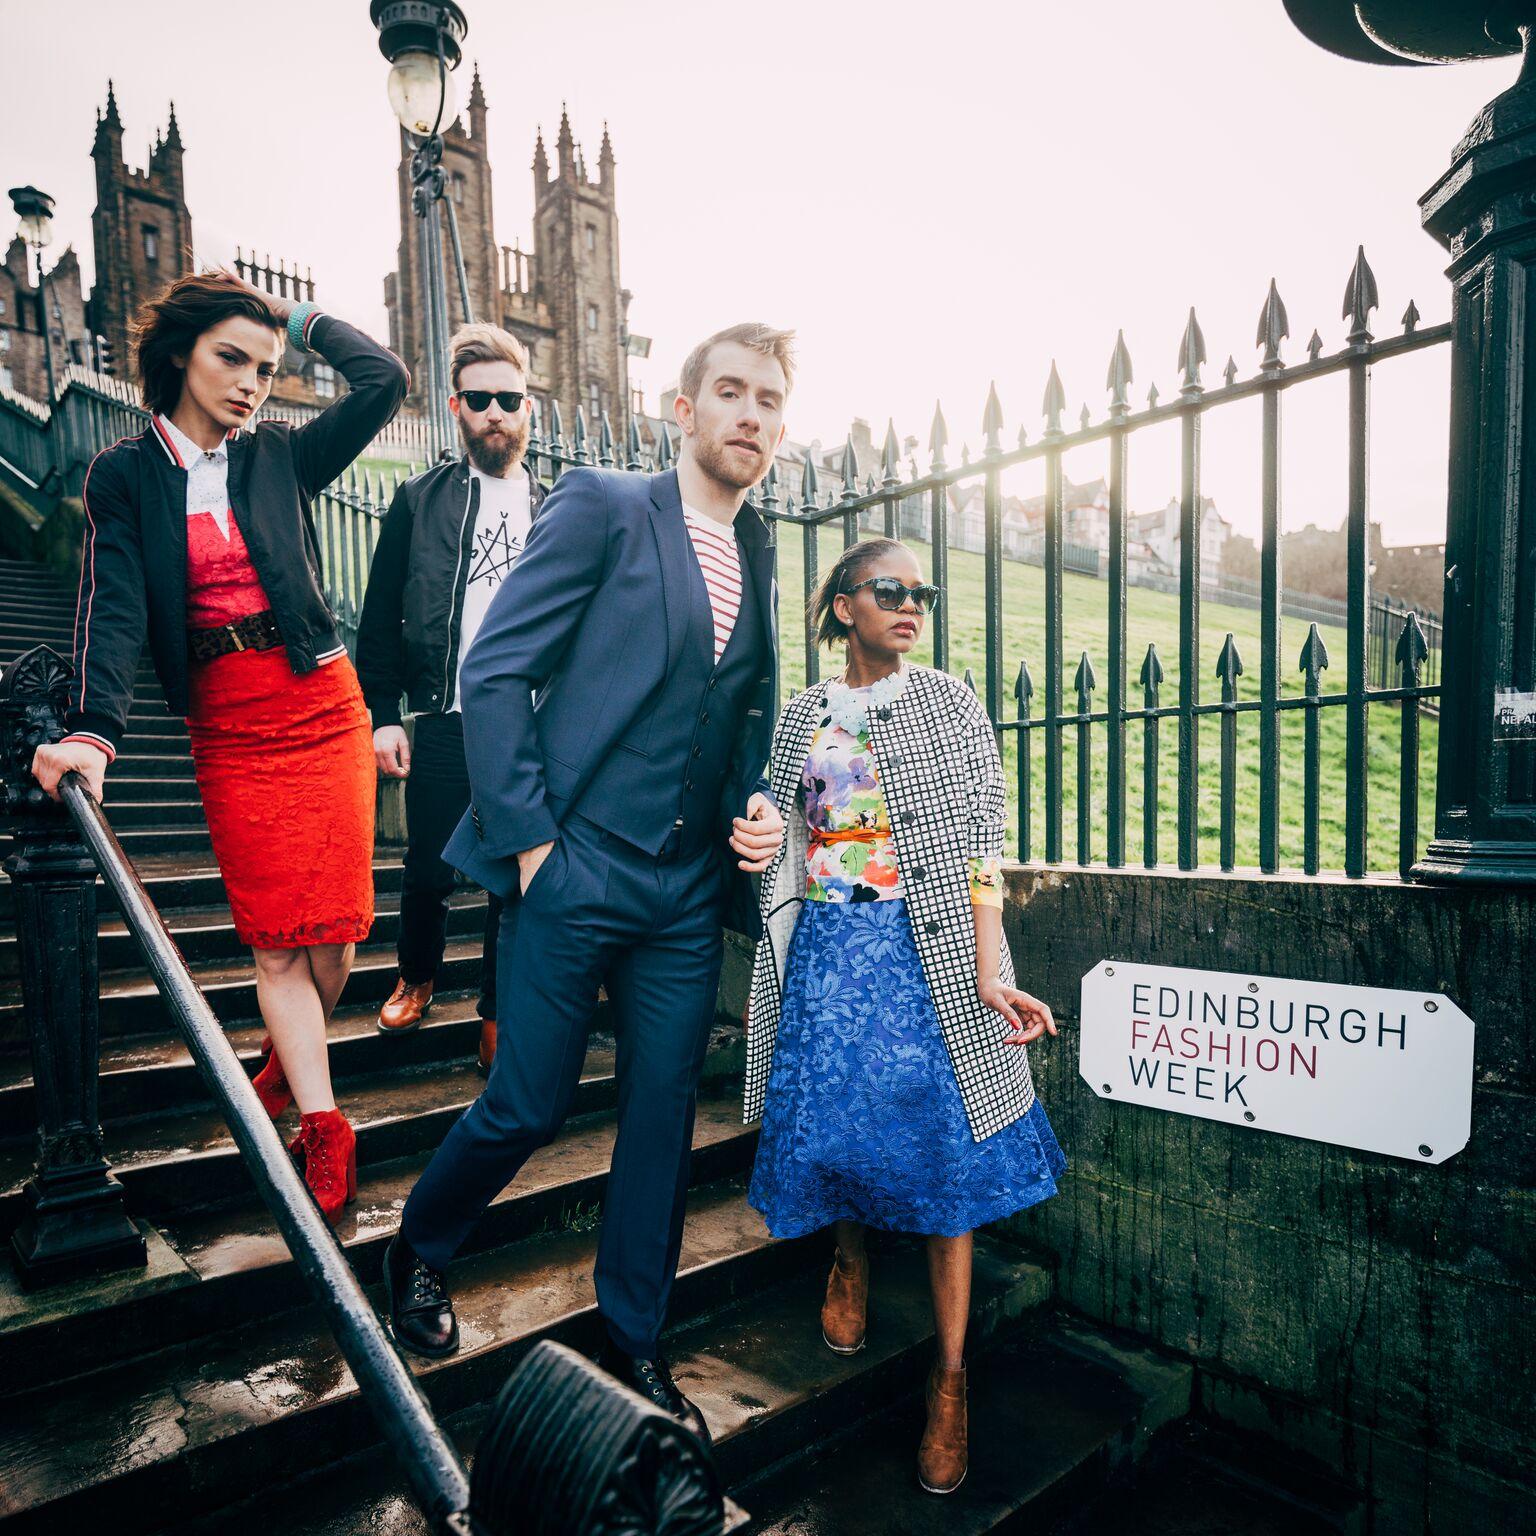 Edinburgh Fashion Week - Dom Martin